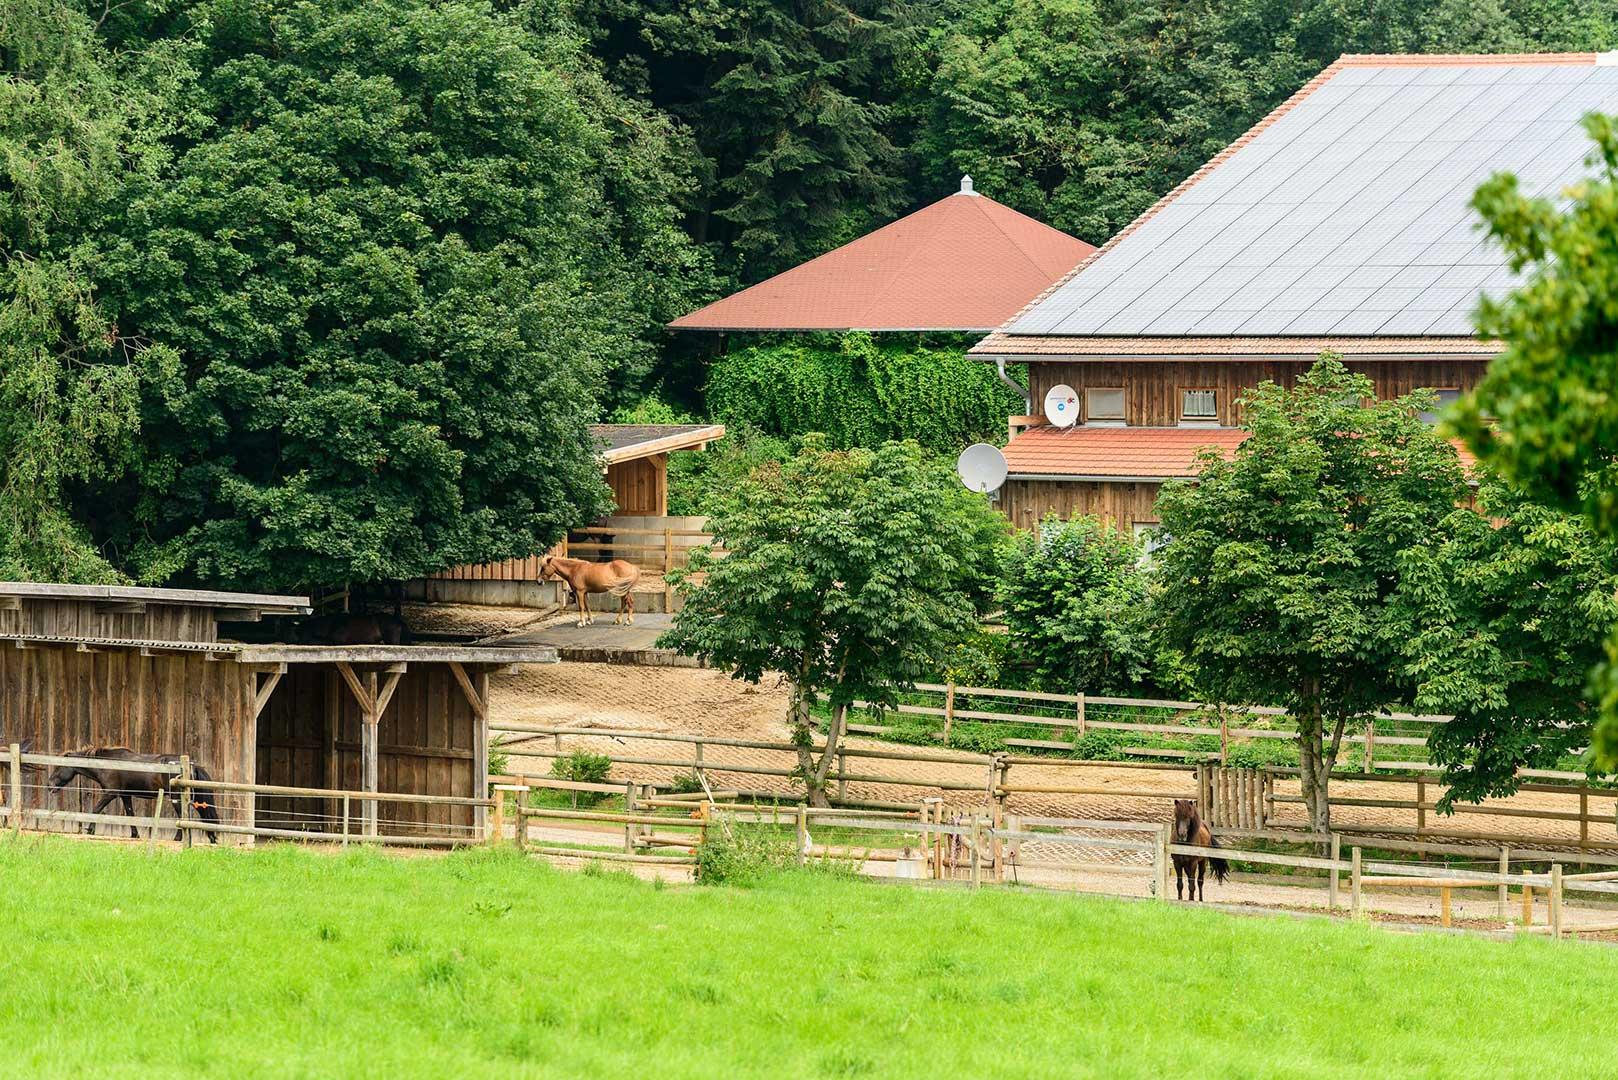 Pferdehof in Bayern Oedhof